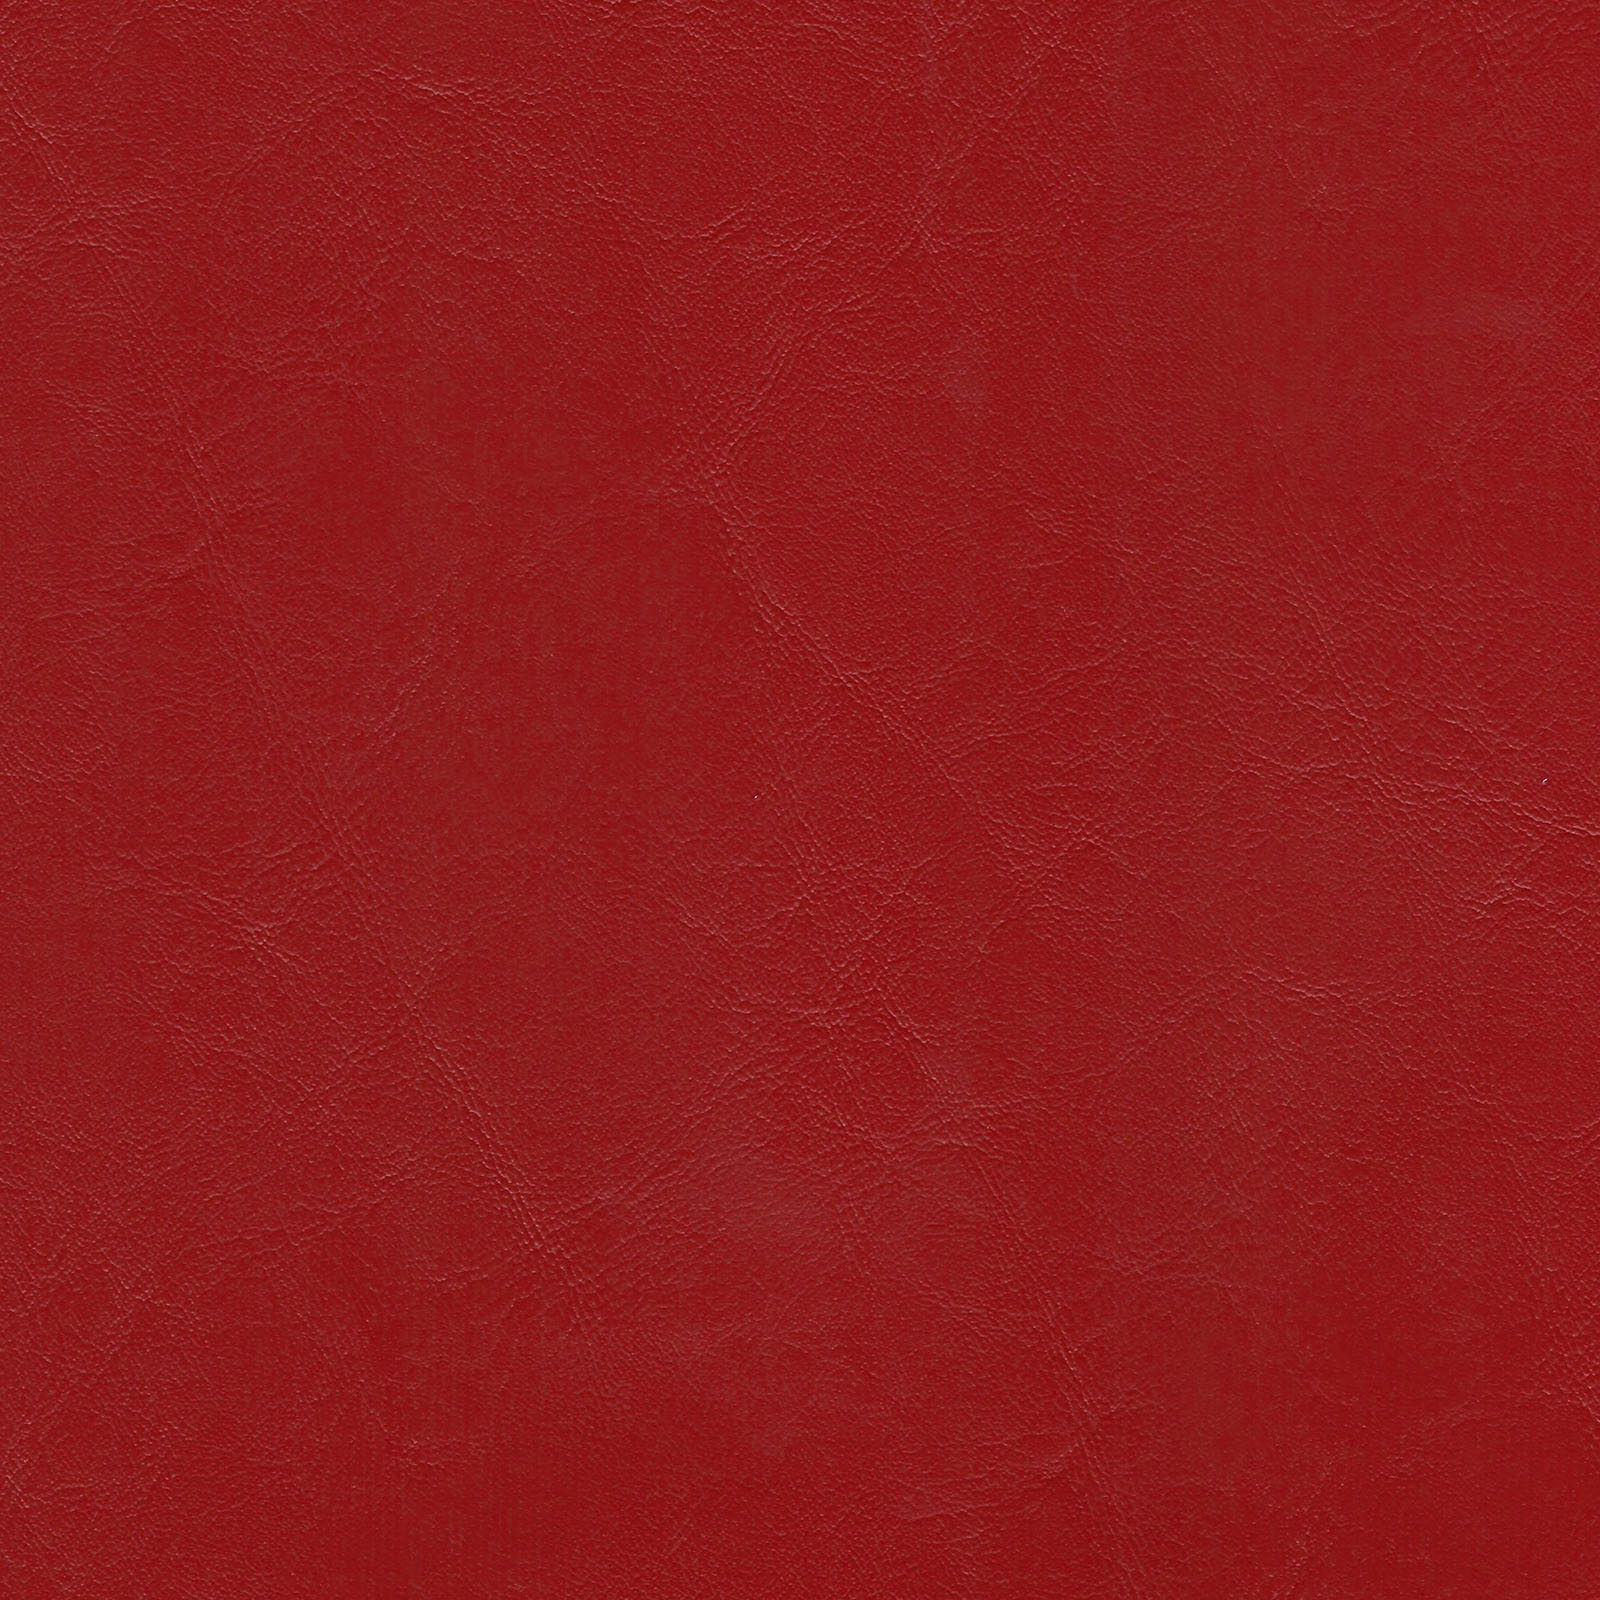 Anchor - ANC-1850 - Cardinal